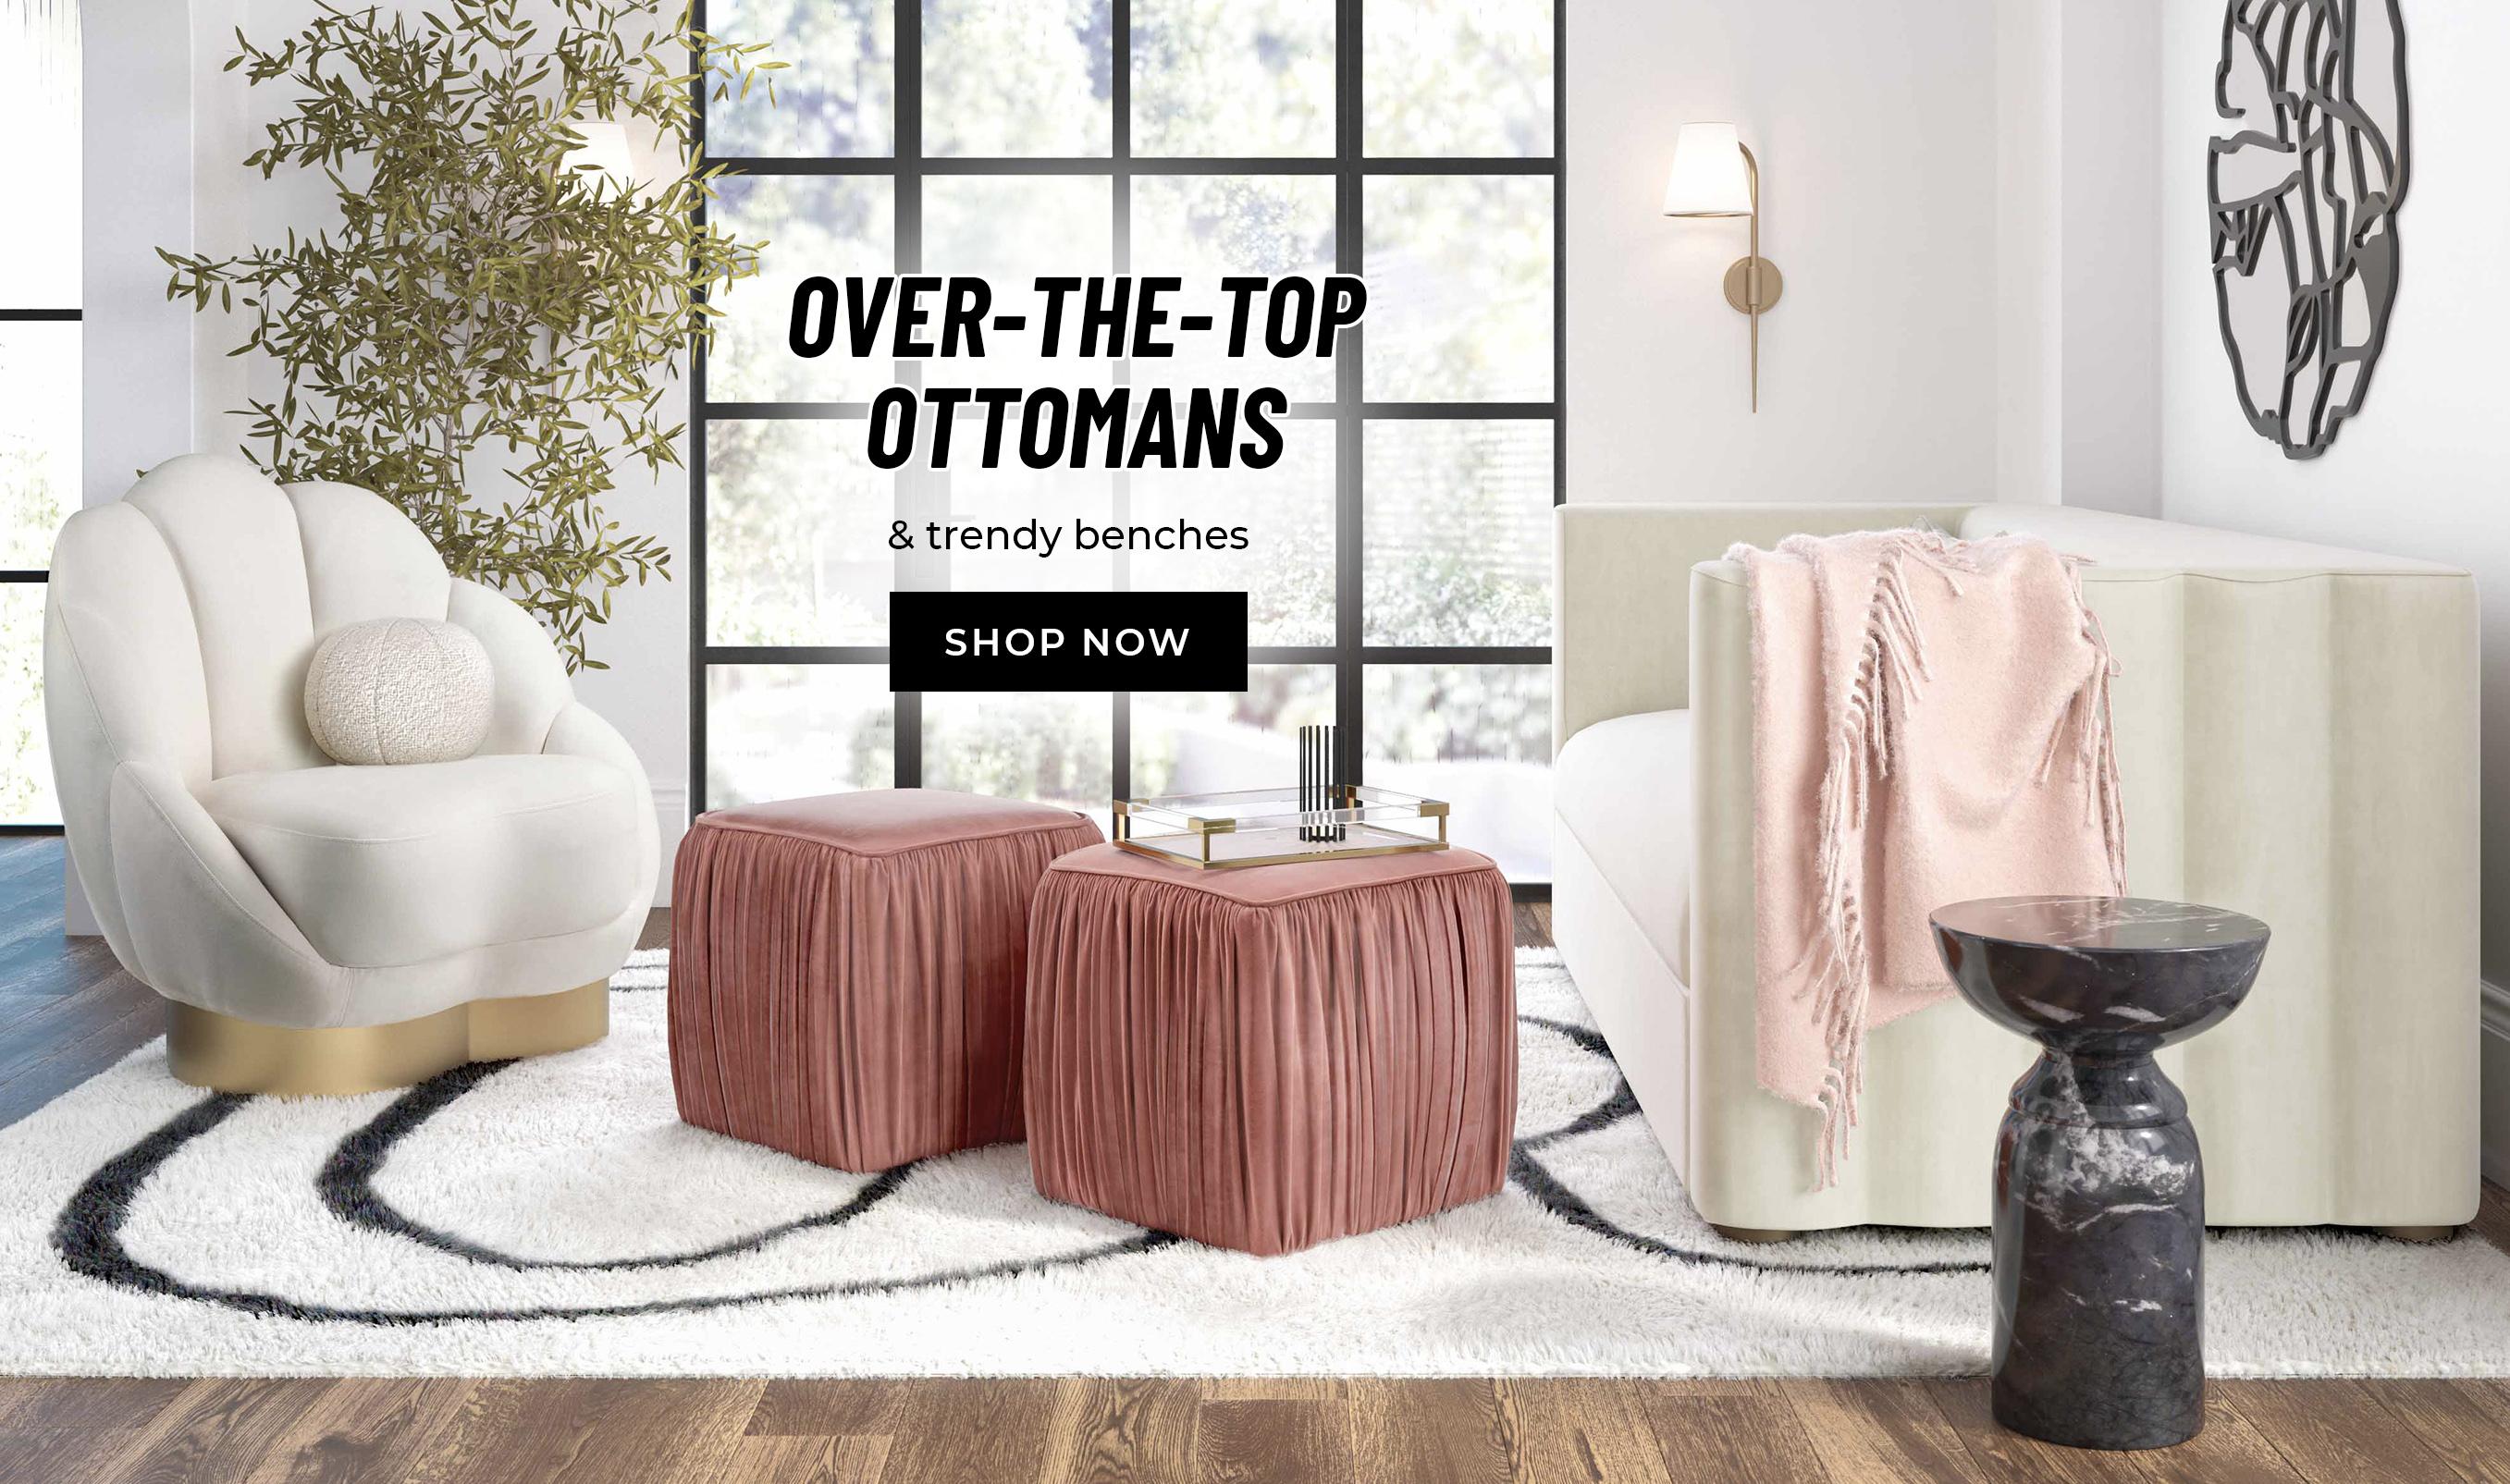 Ottomans shopnow